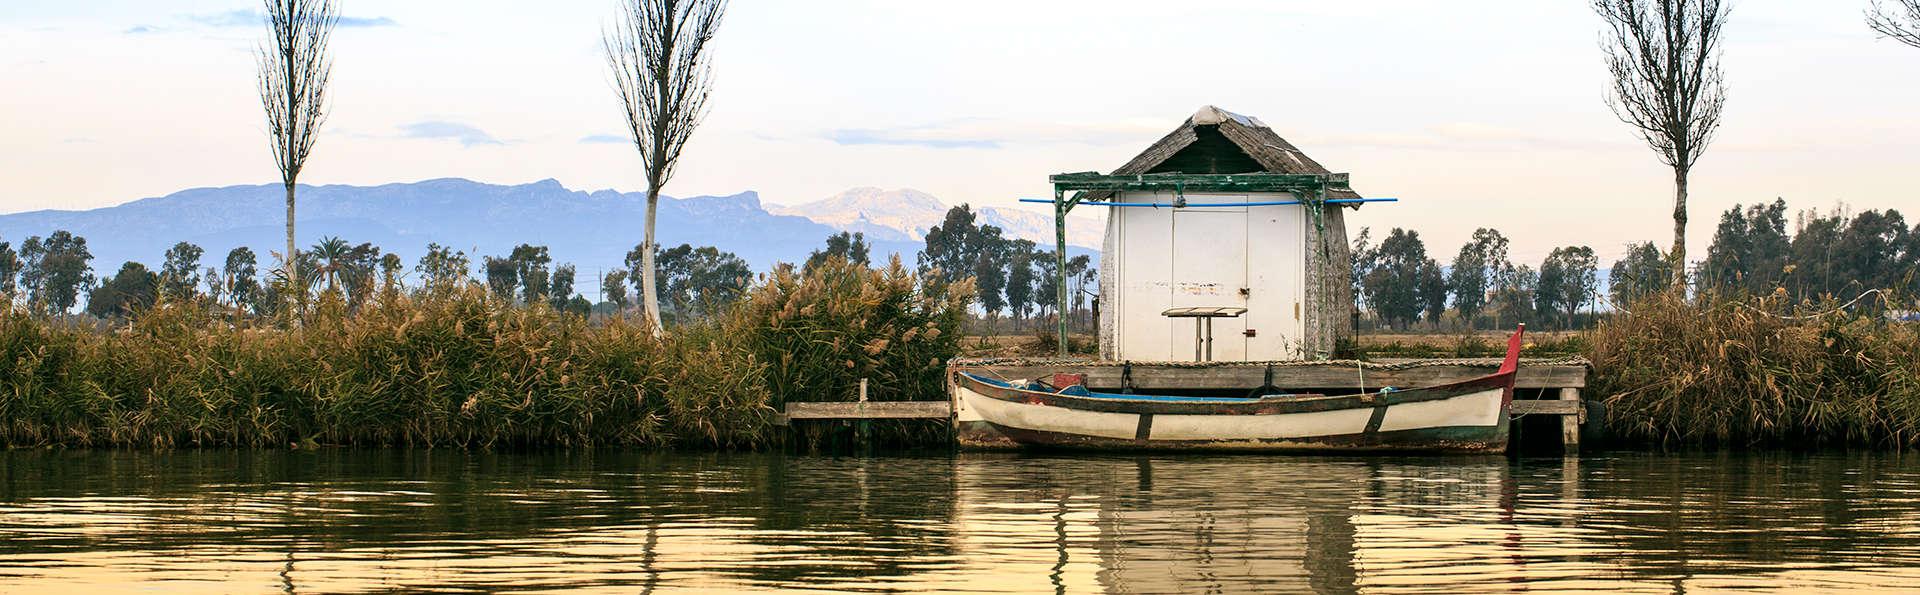 Pause de charme dans la réserve naturelle du delta de l'Ebre